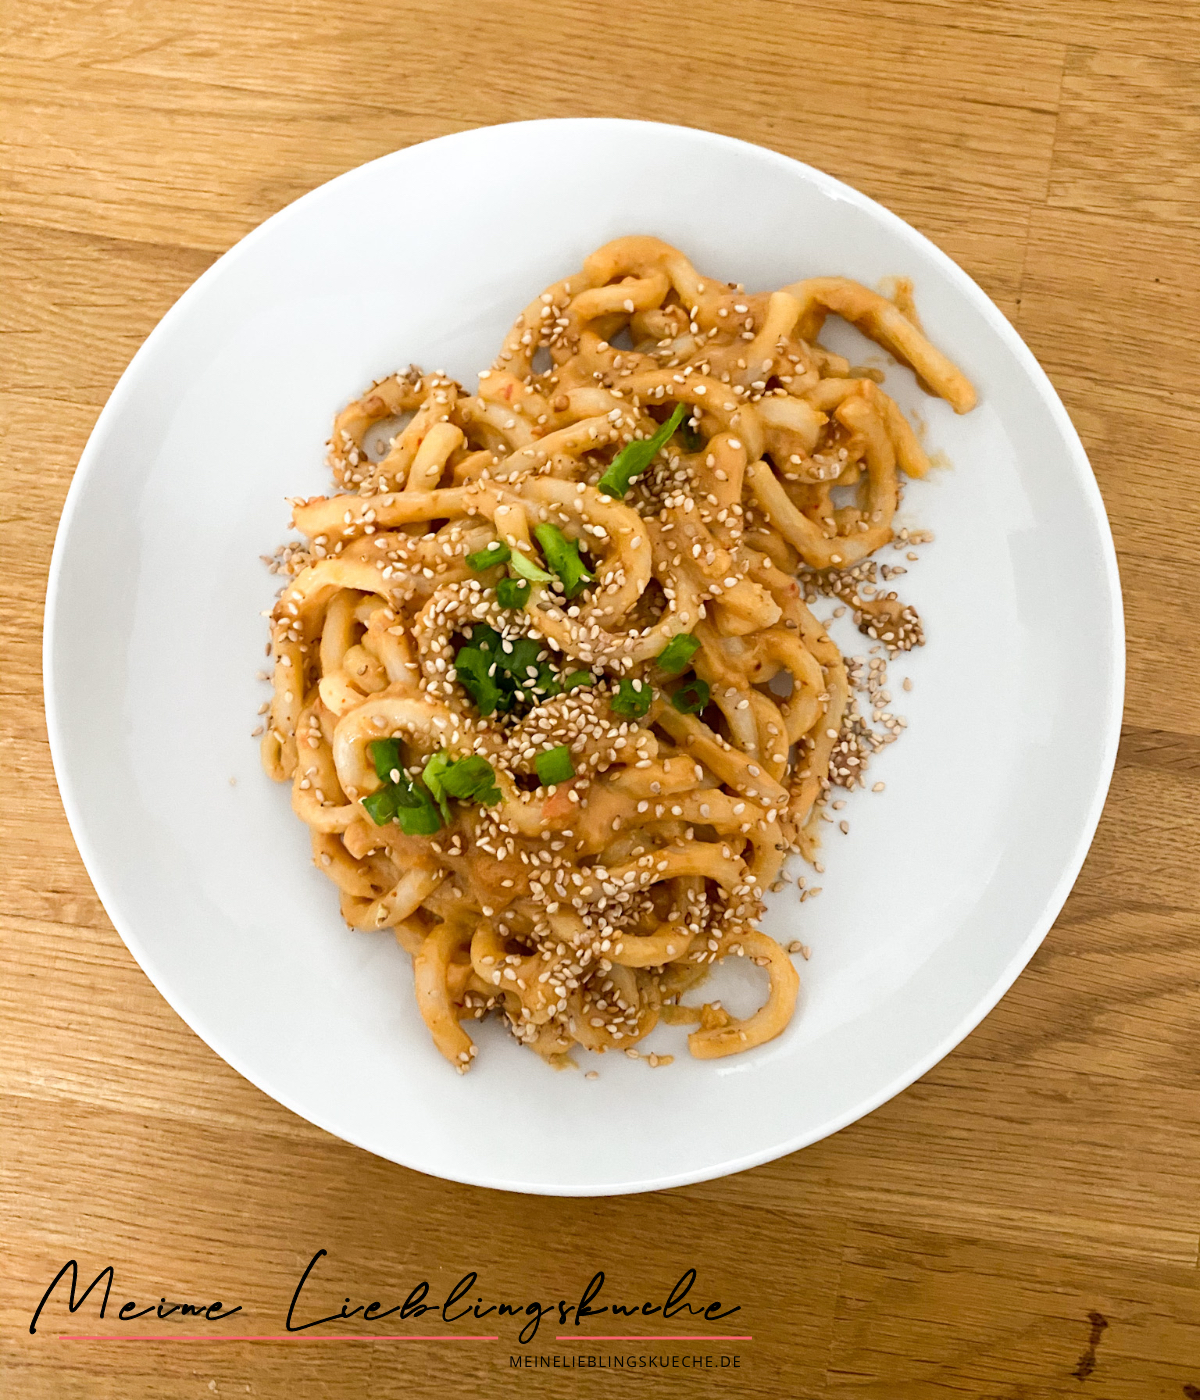 Yaki-Udon mit Erdnuss-Sauce